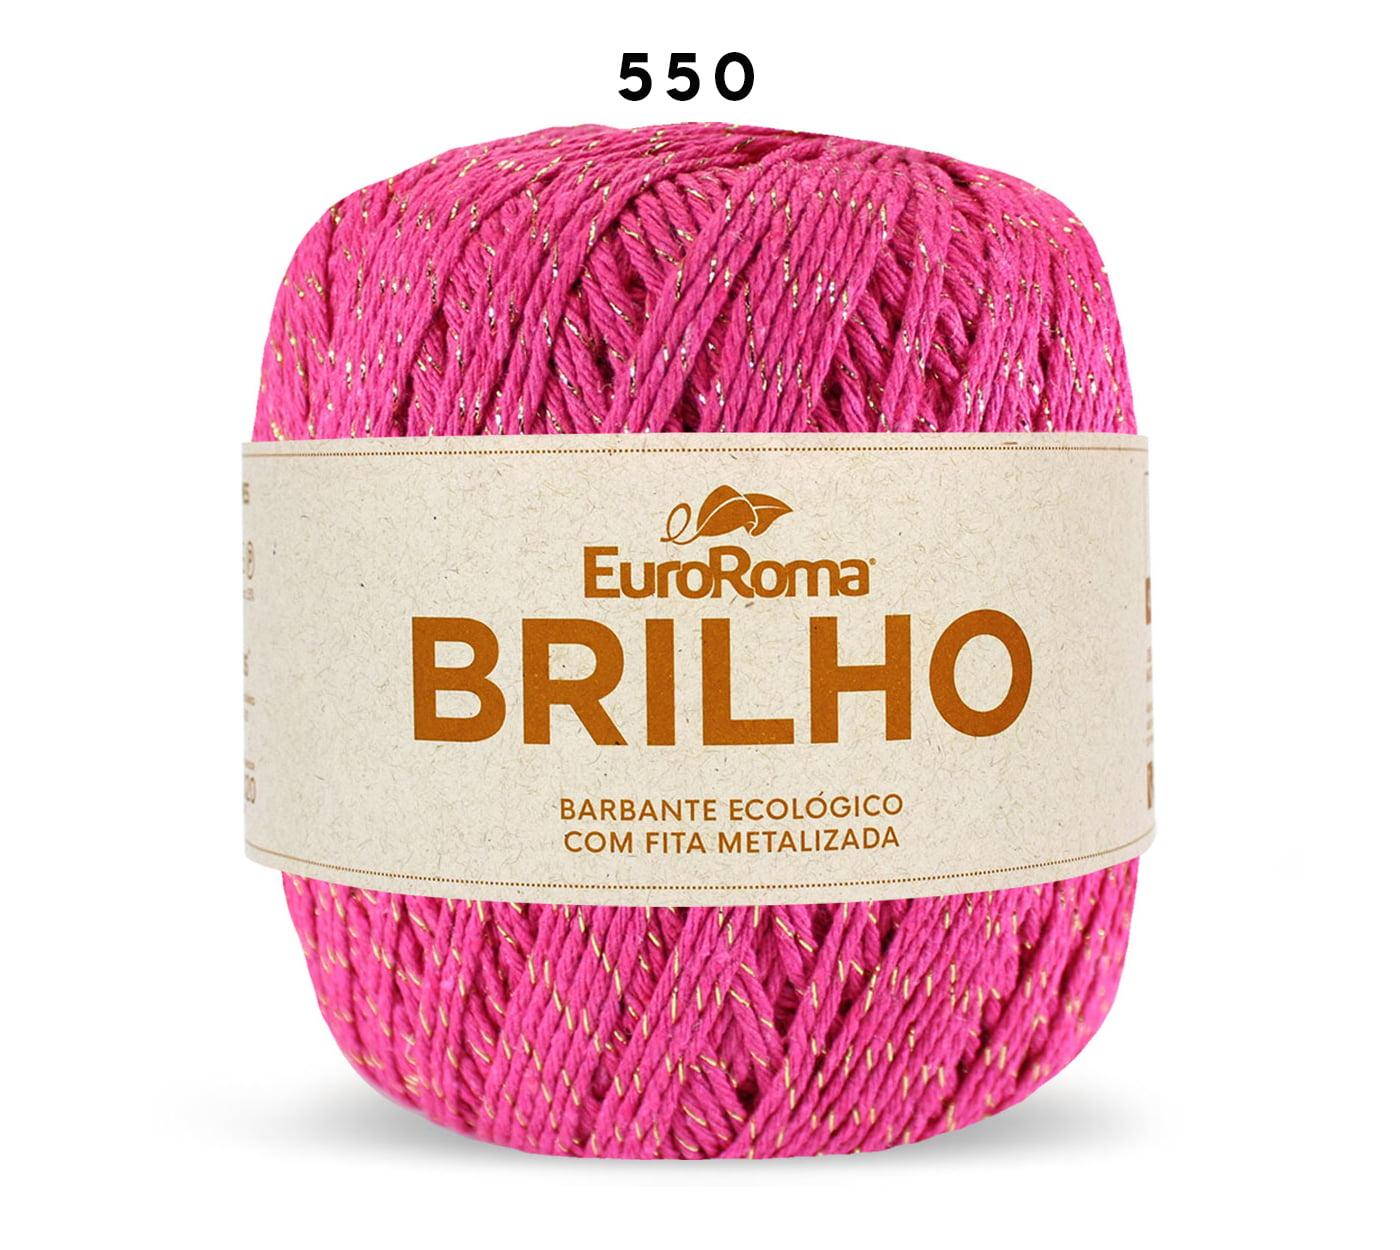 EUROROMA BRILHO OURO 6 400G PINK